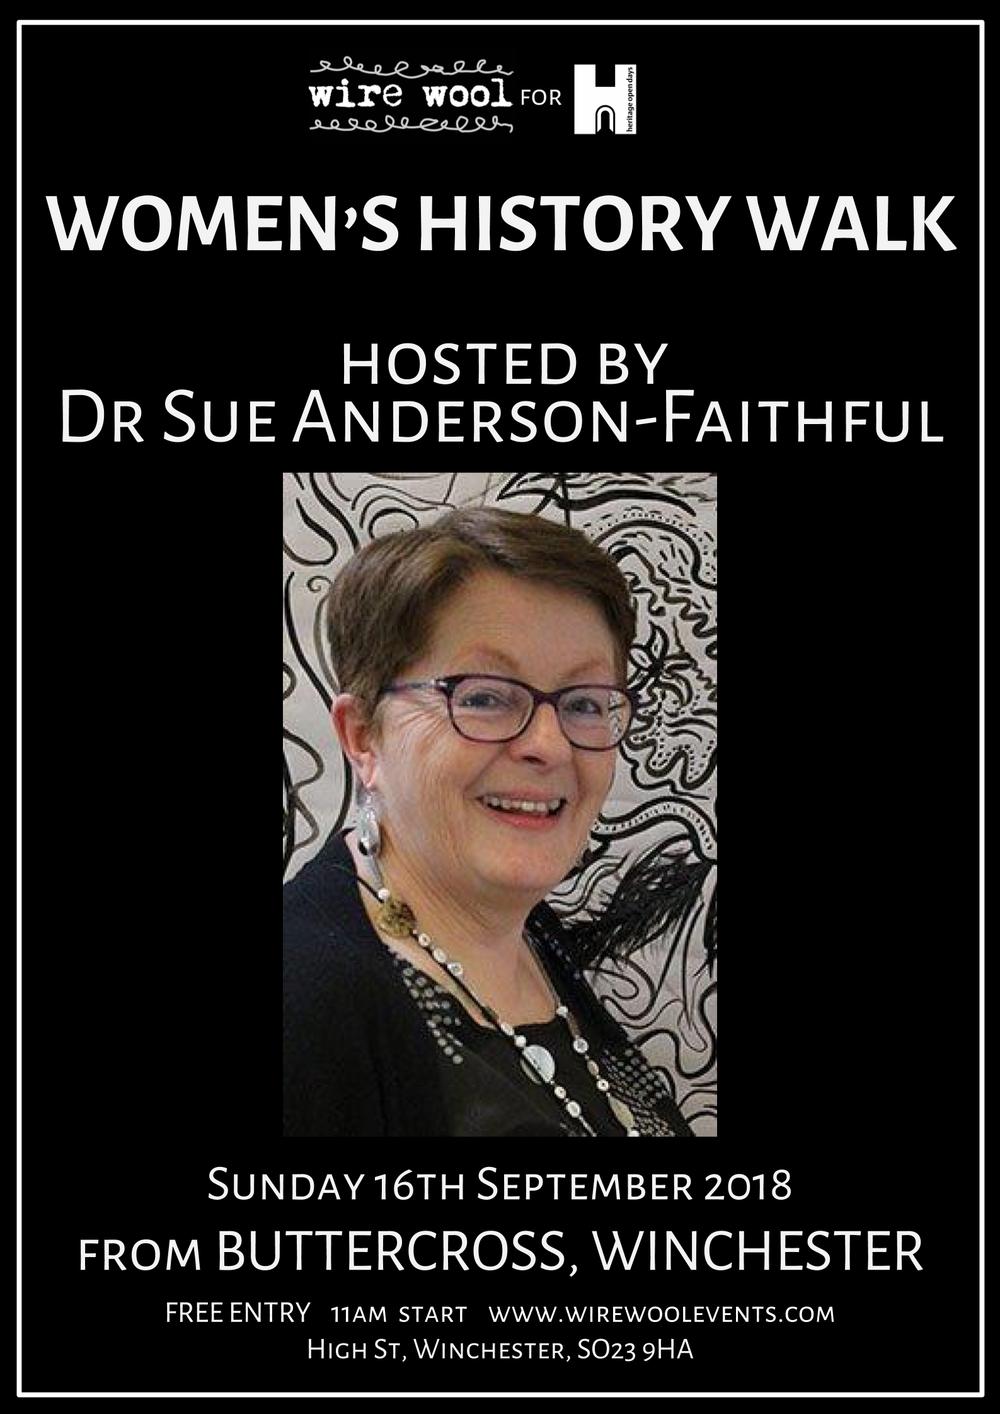 Women of Winchester: Historical Walk Sunday September 16 2018